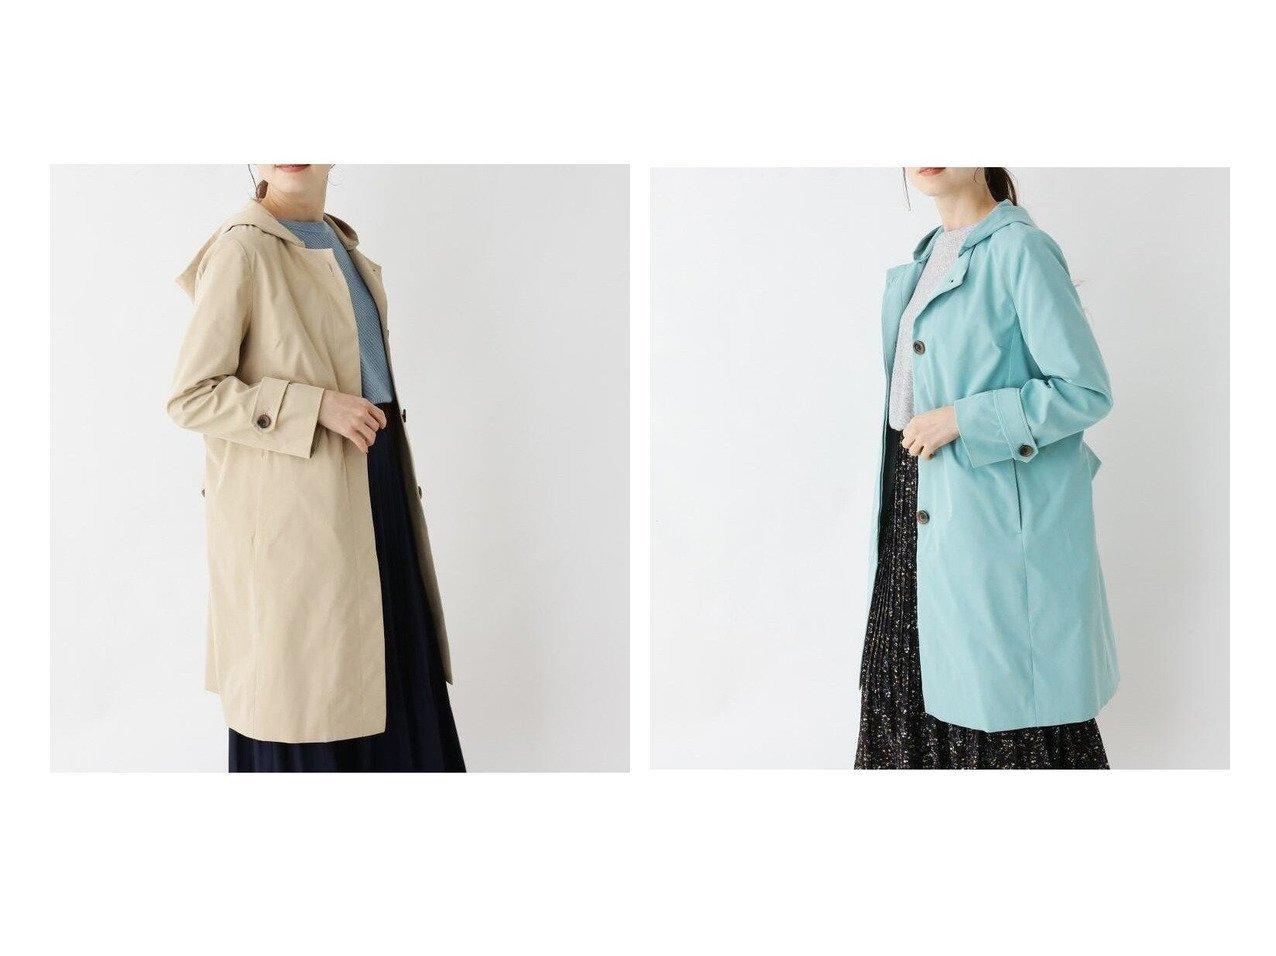 【SHOO LA RUE / DRESKIP/シューラルー ドレスキップ】の【M-撥水/防花粉】2WAYマルチミディコート アウターのおすすめ!人気、トレンド・レディースファッションの通販 おすすめで人気の流行・トレンド、ファッションの通販商品 メンズファッション・キッズファッション・インテリア・家具・レディースファッション・服の通販 founy(ファニー) https://founy.com/ ファッション Fashion レディースファッション WOMEN アウター Coat Outerwear コート Coats ベーシック 再入荷 Restock/Back in Stock/Re Arrival |ID:crp329100000022675